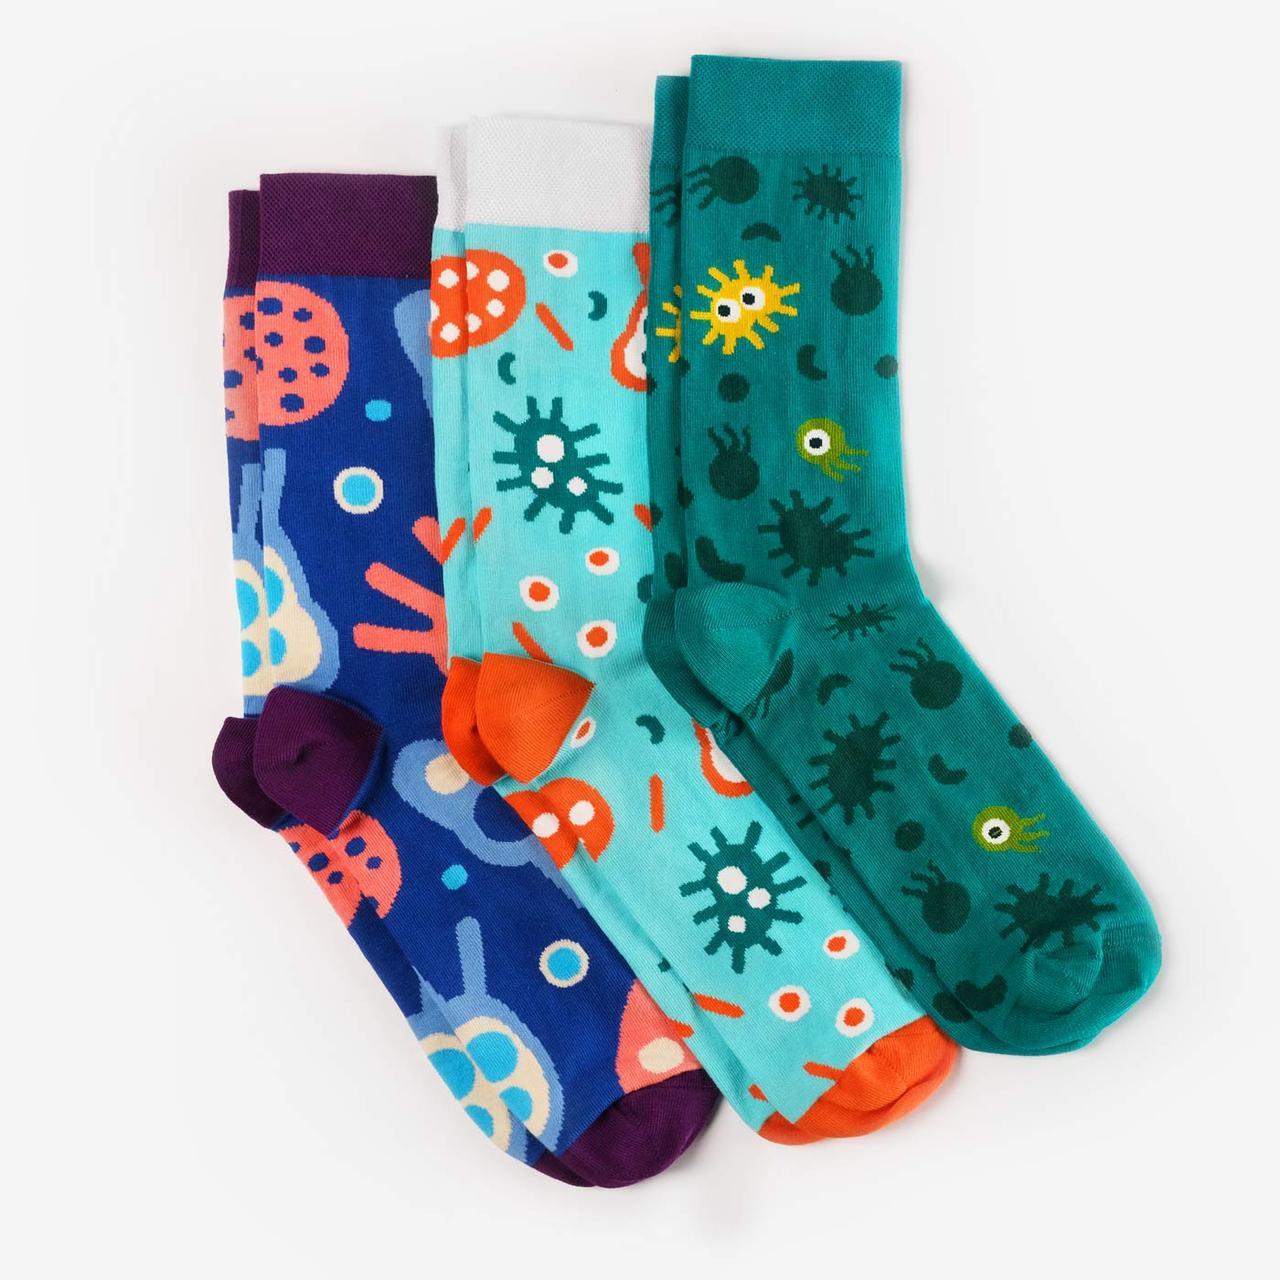 Шкарпетки Dodo Socks набір Micro 36-38, 3 шт